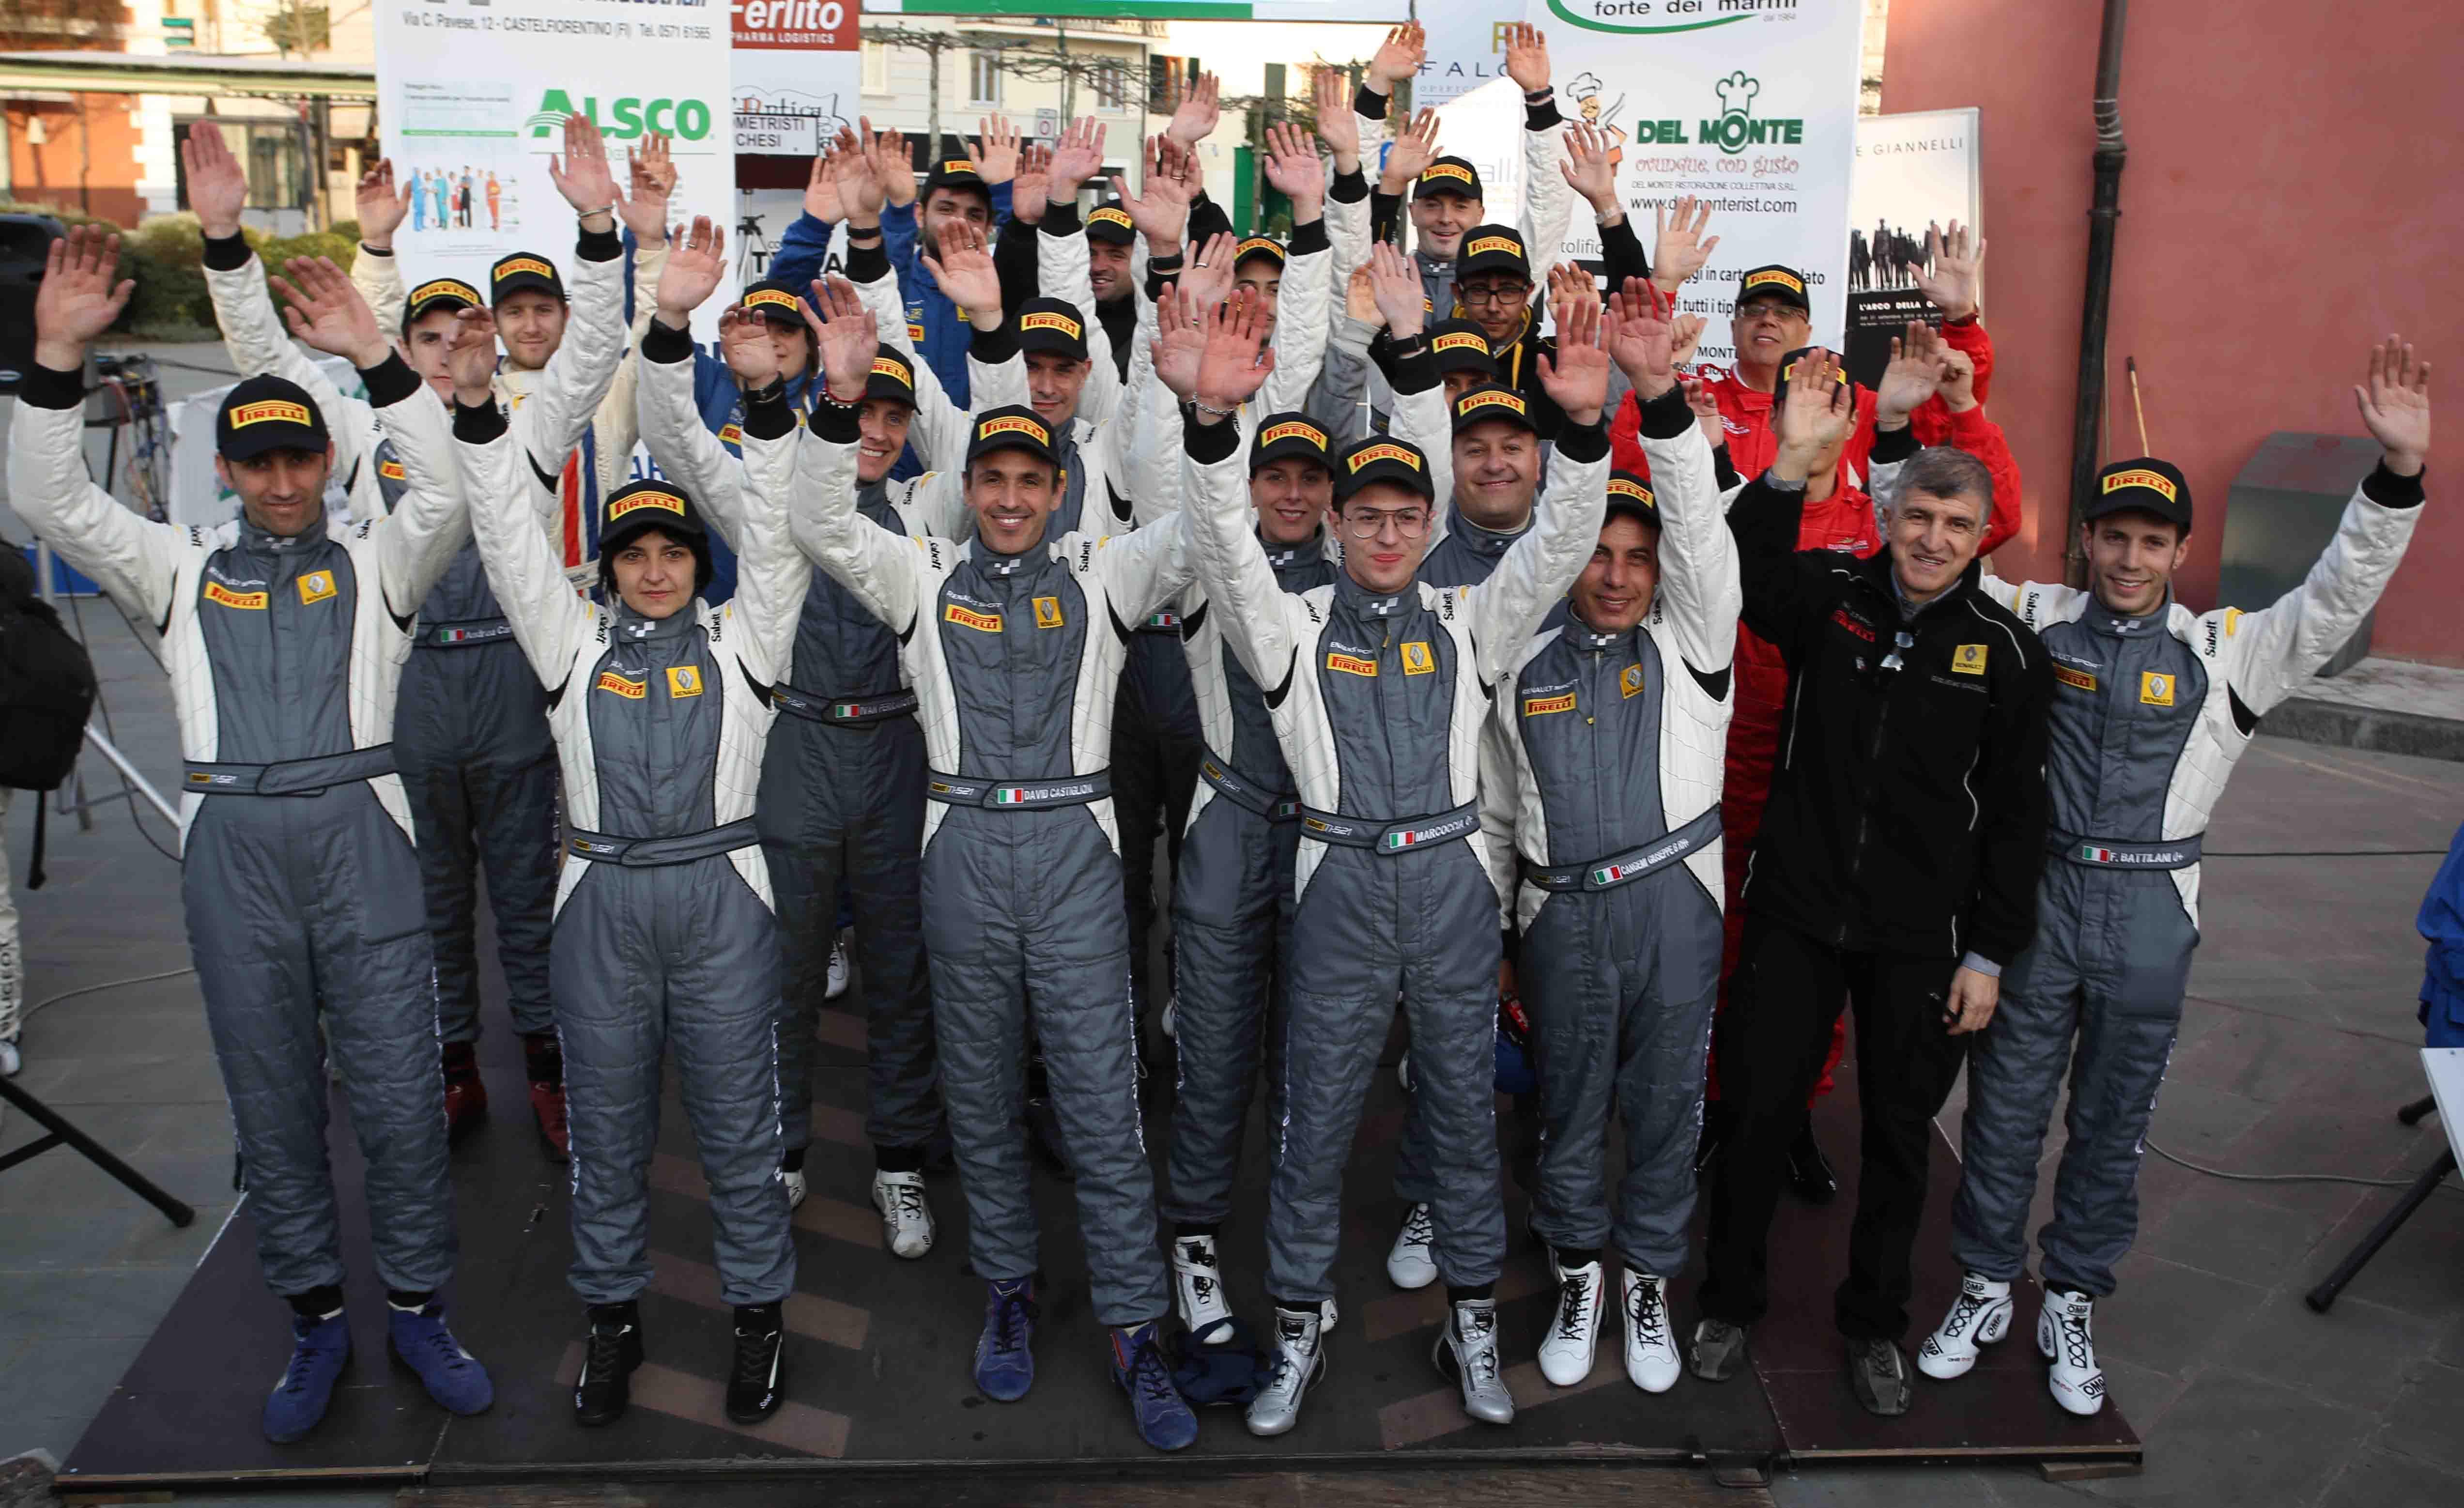 Trofei Renault Rally: sabato le premiazioni